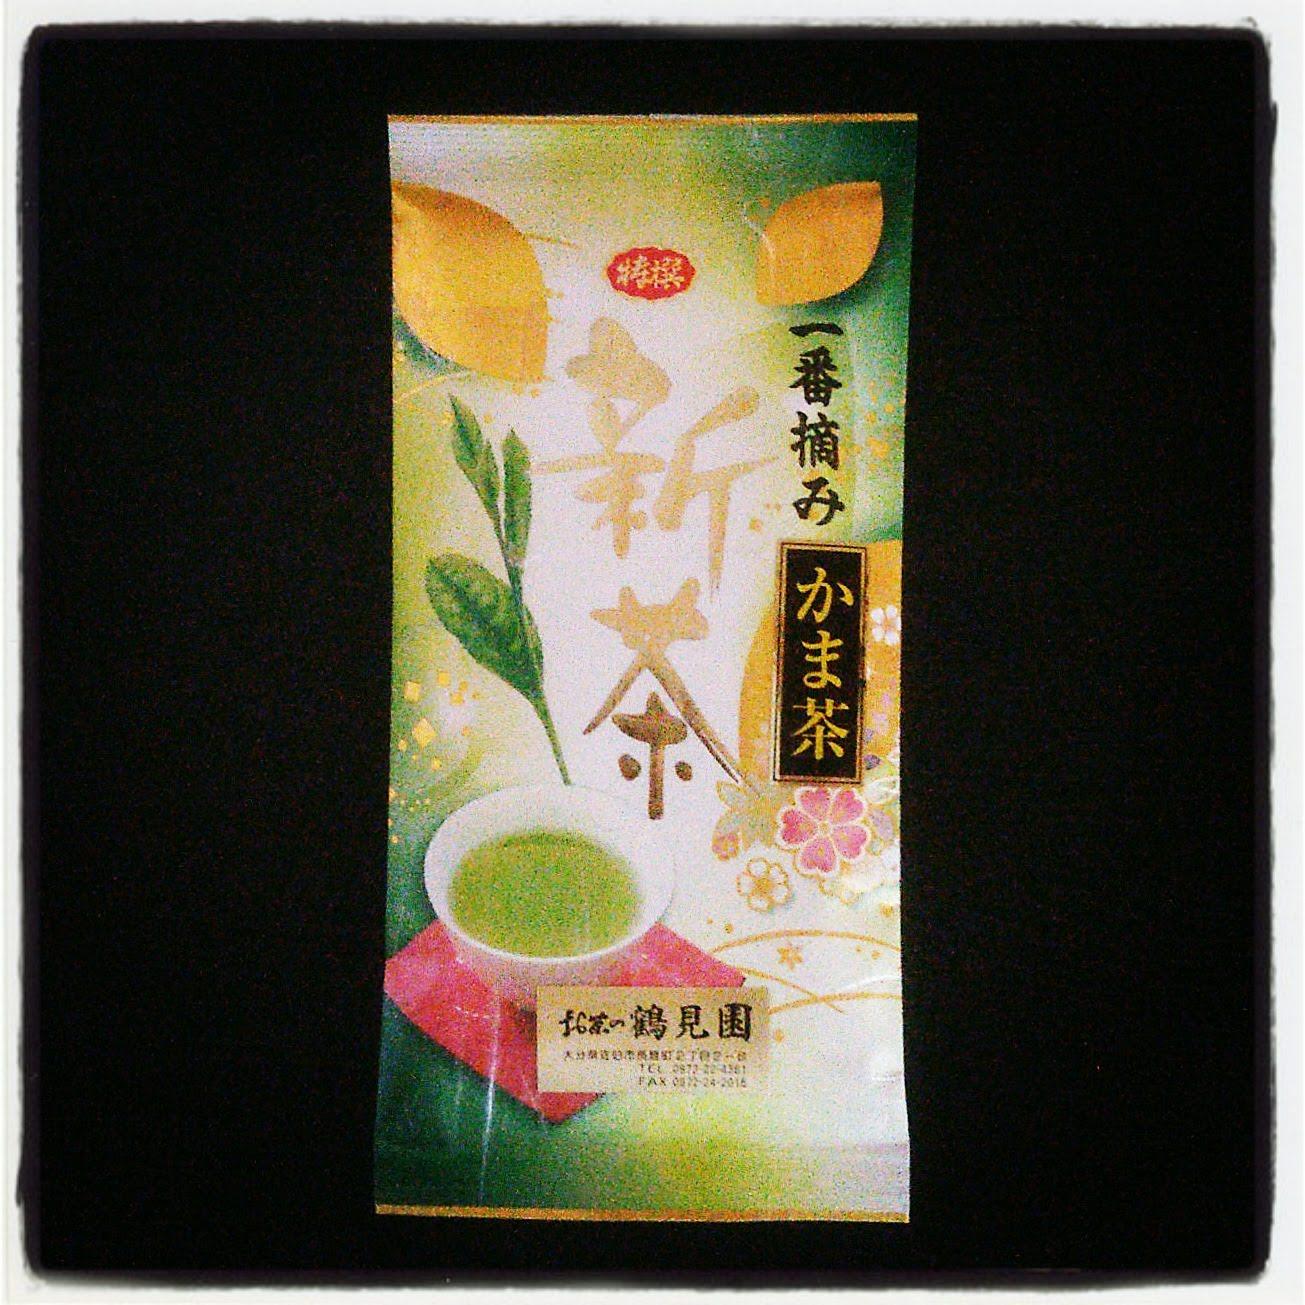 2018年産鹿児島新茶 かま茶(玉緑茶)100g袋入り